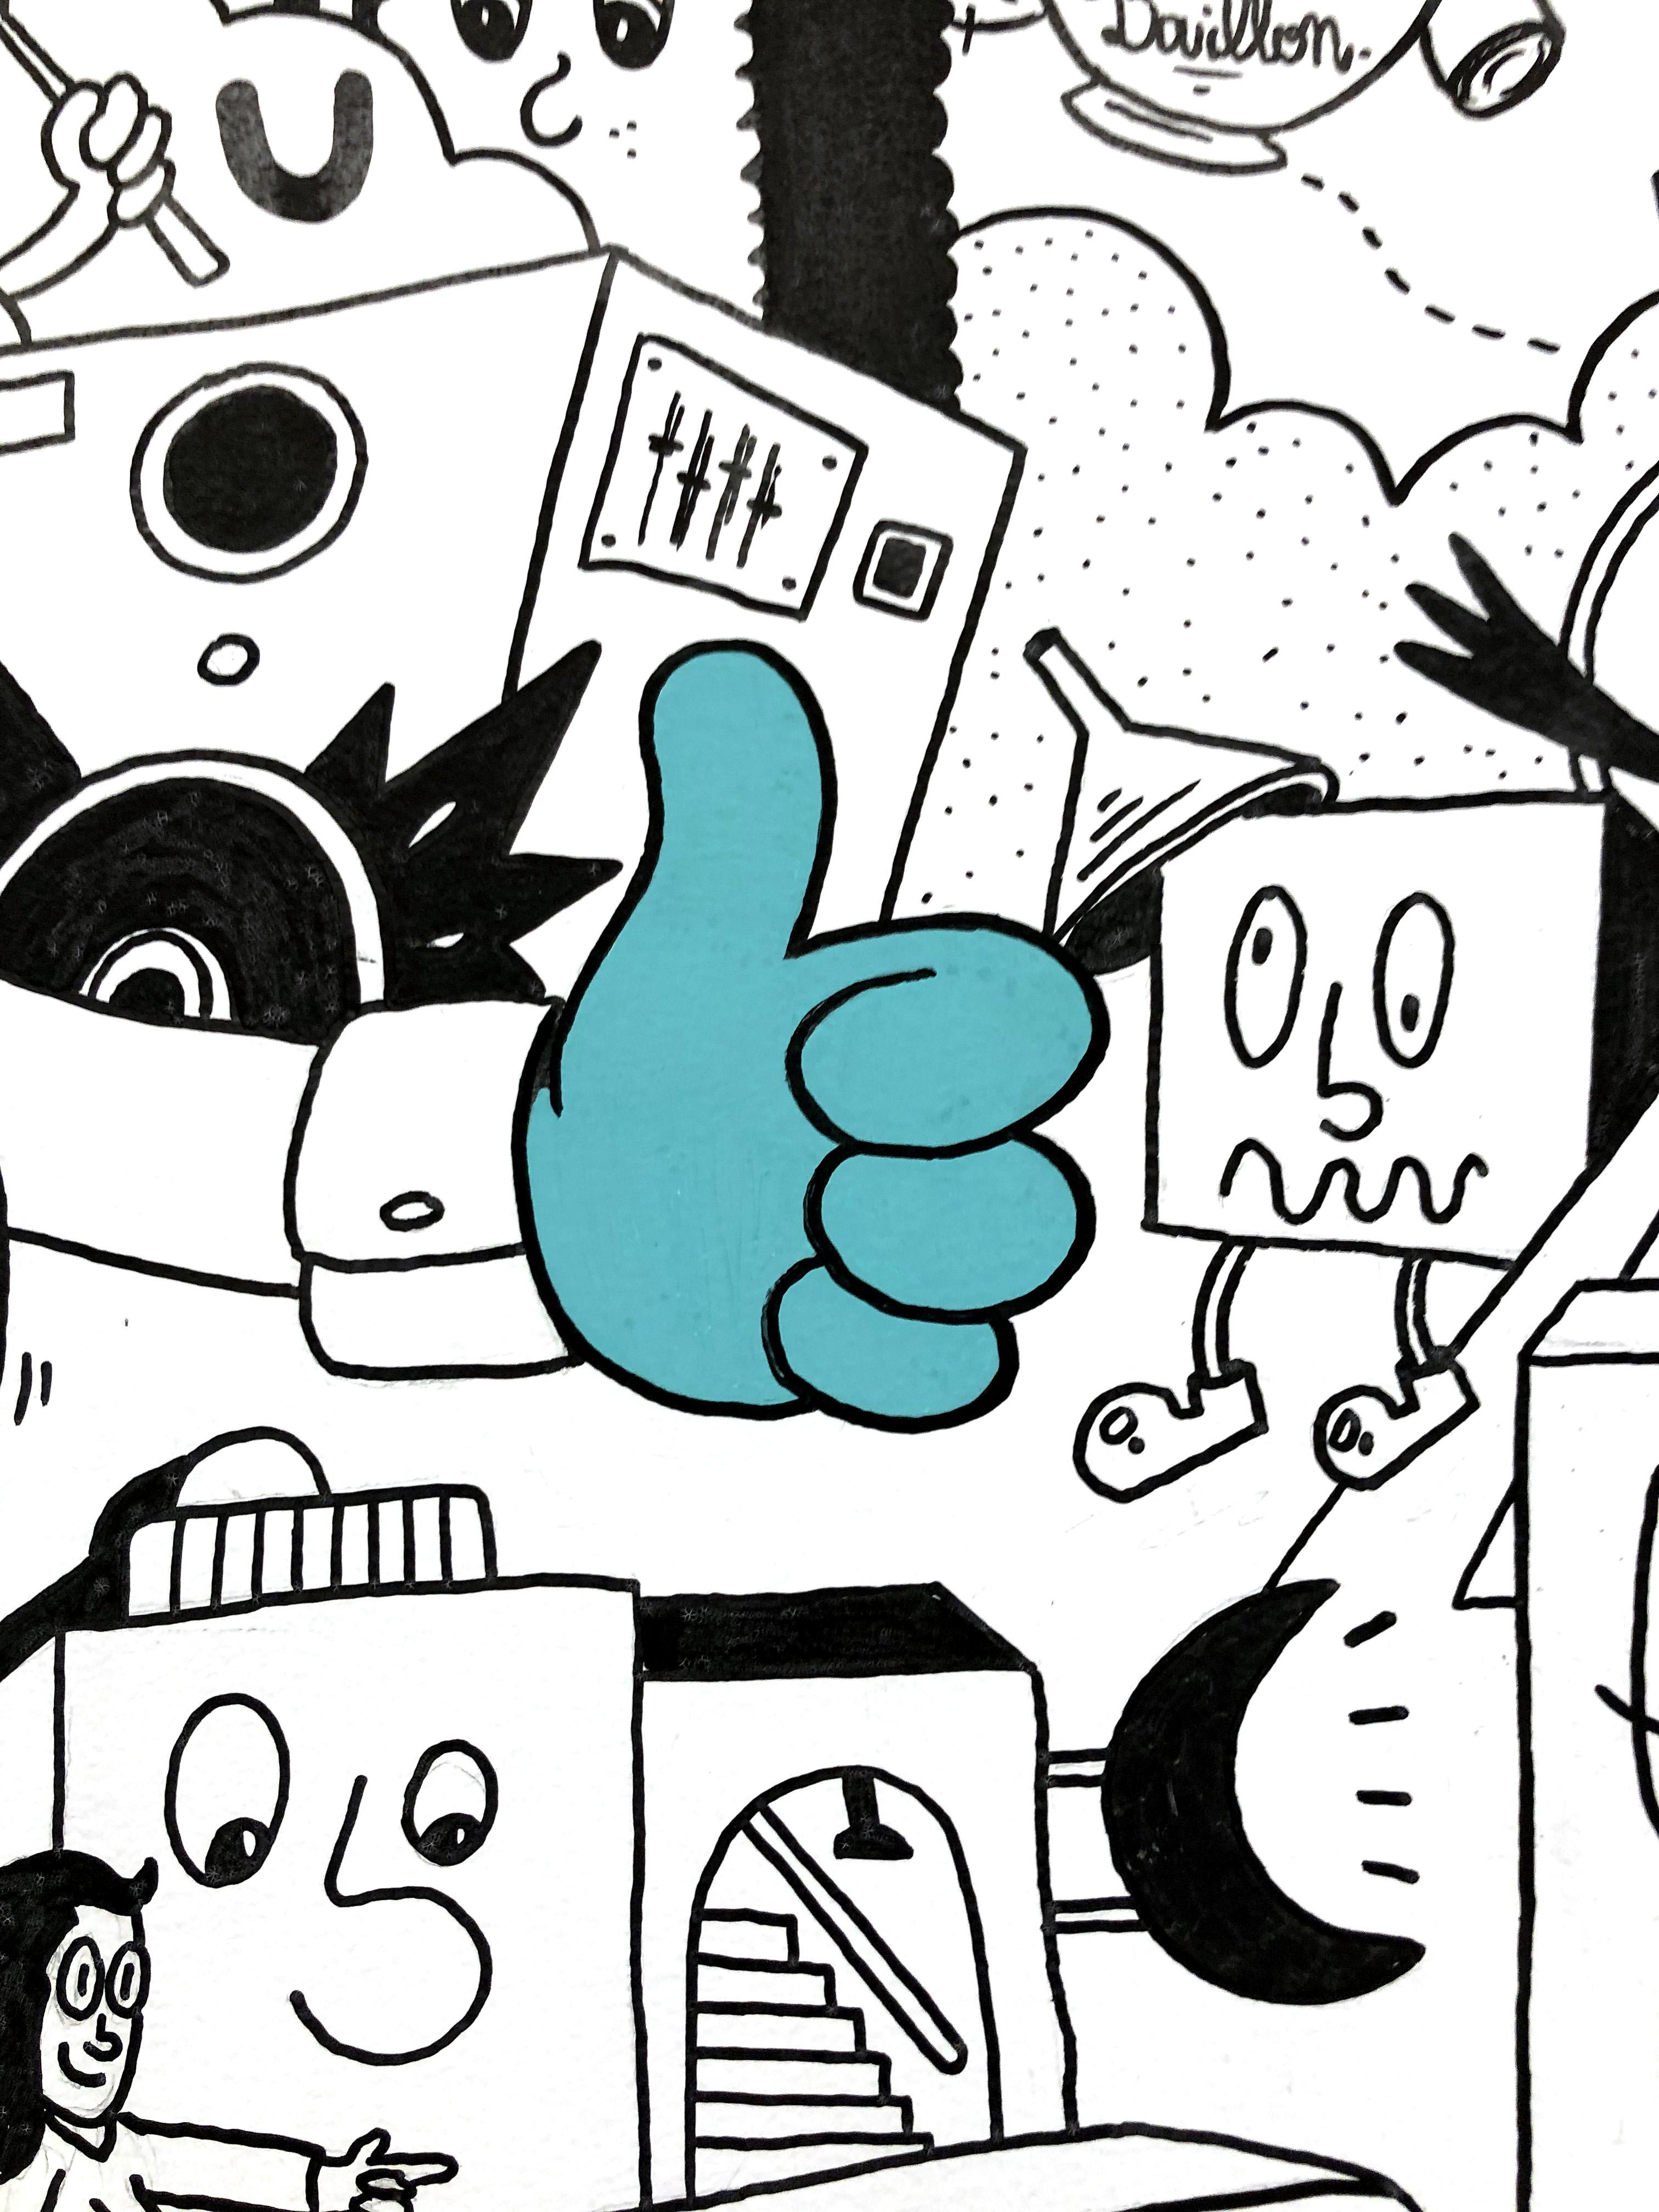 dessin pouce bleu avec fond illustrations